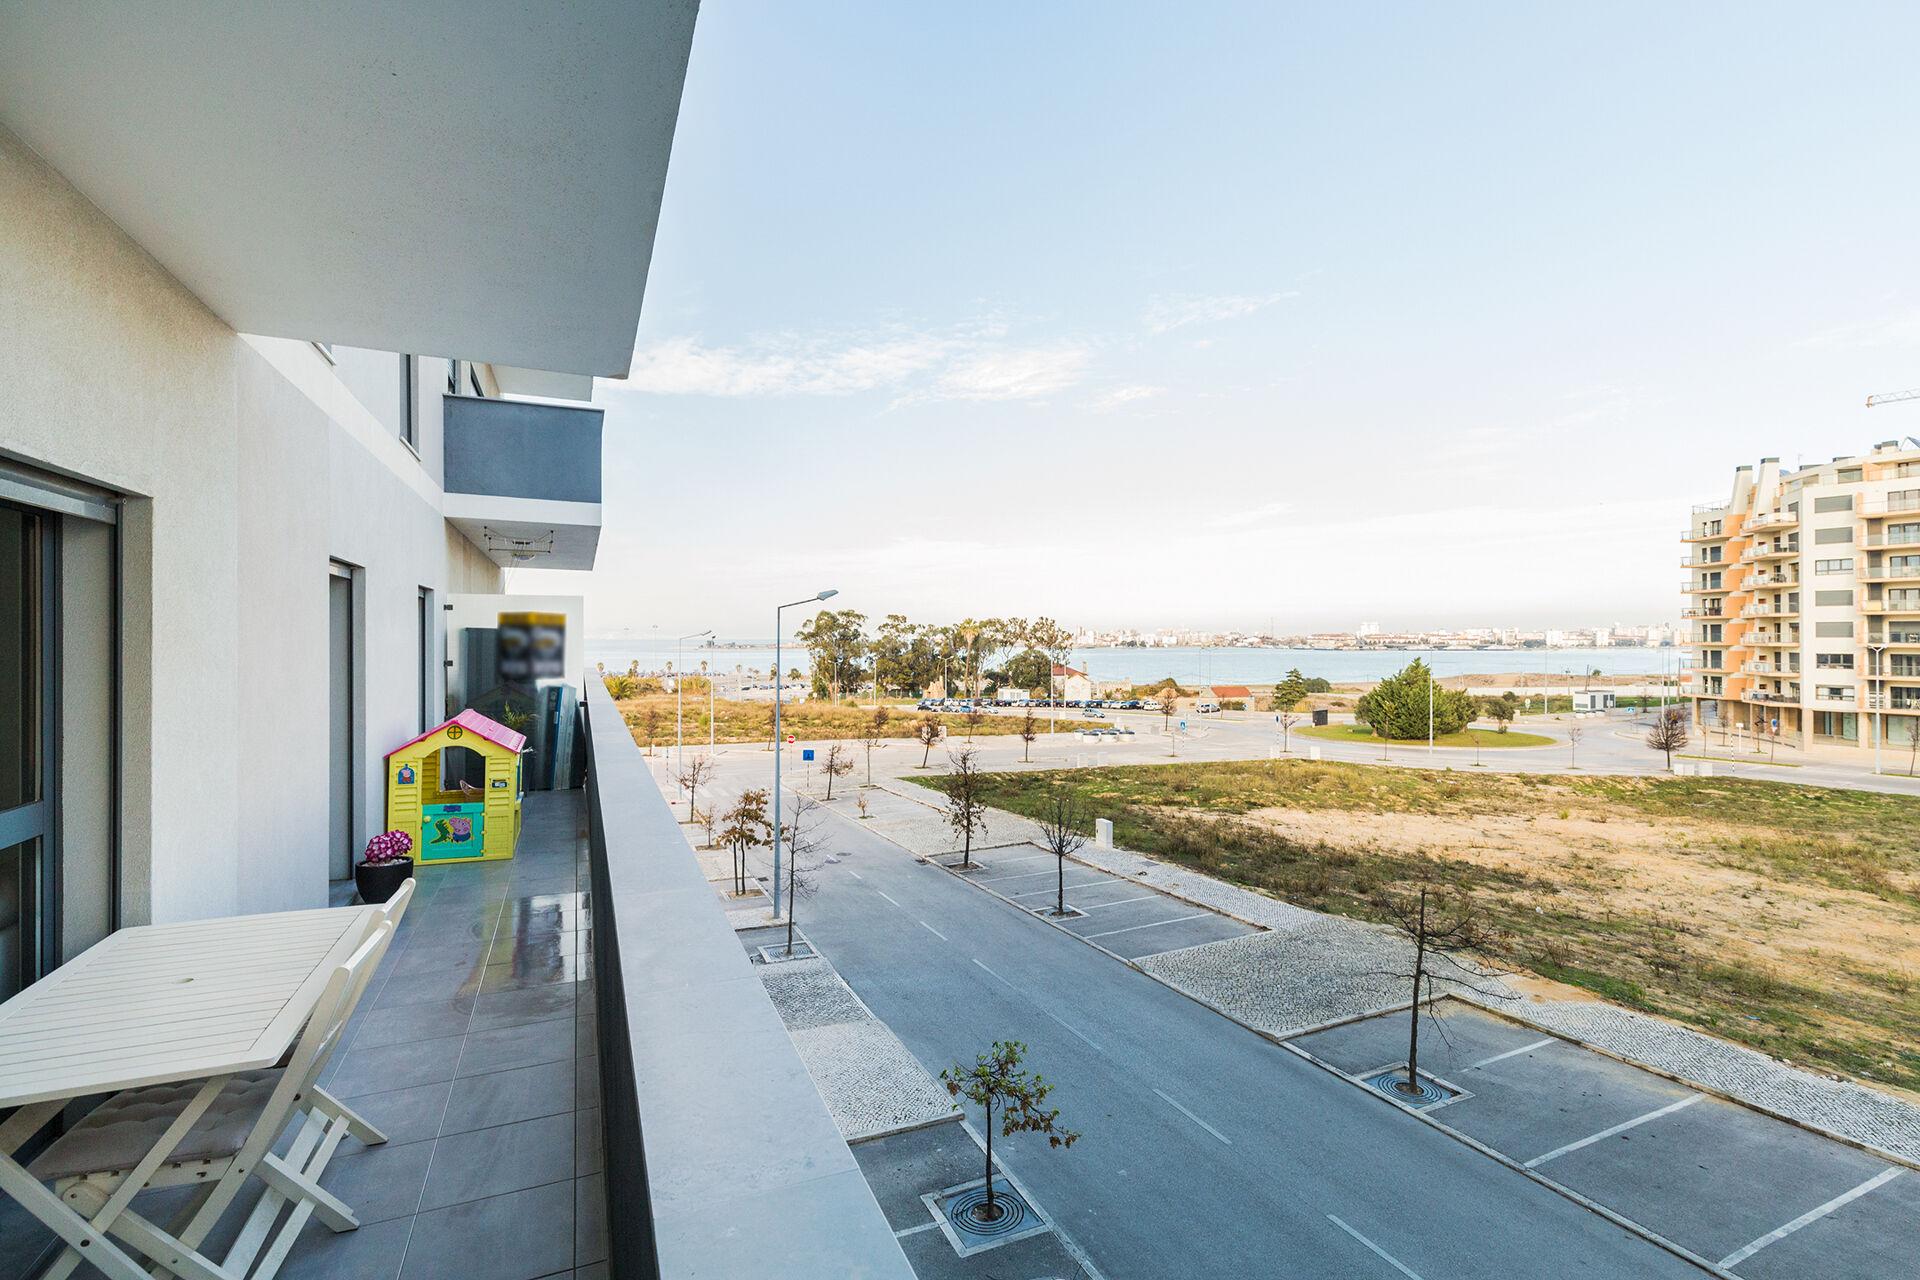 Apartamentos quinta da trindade жилье в лос анджелесе купить